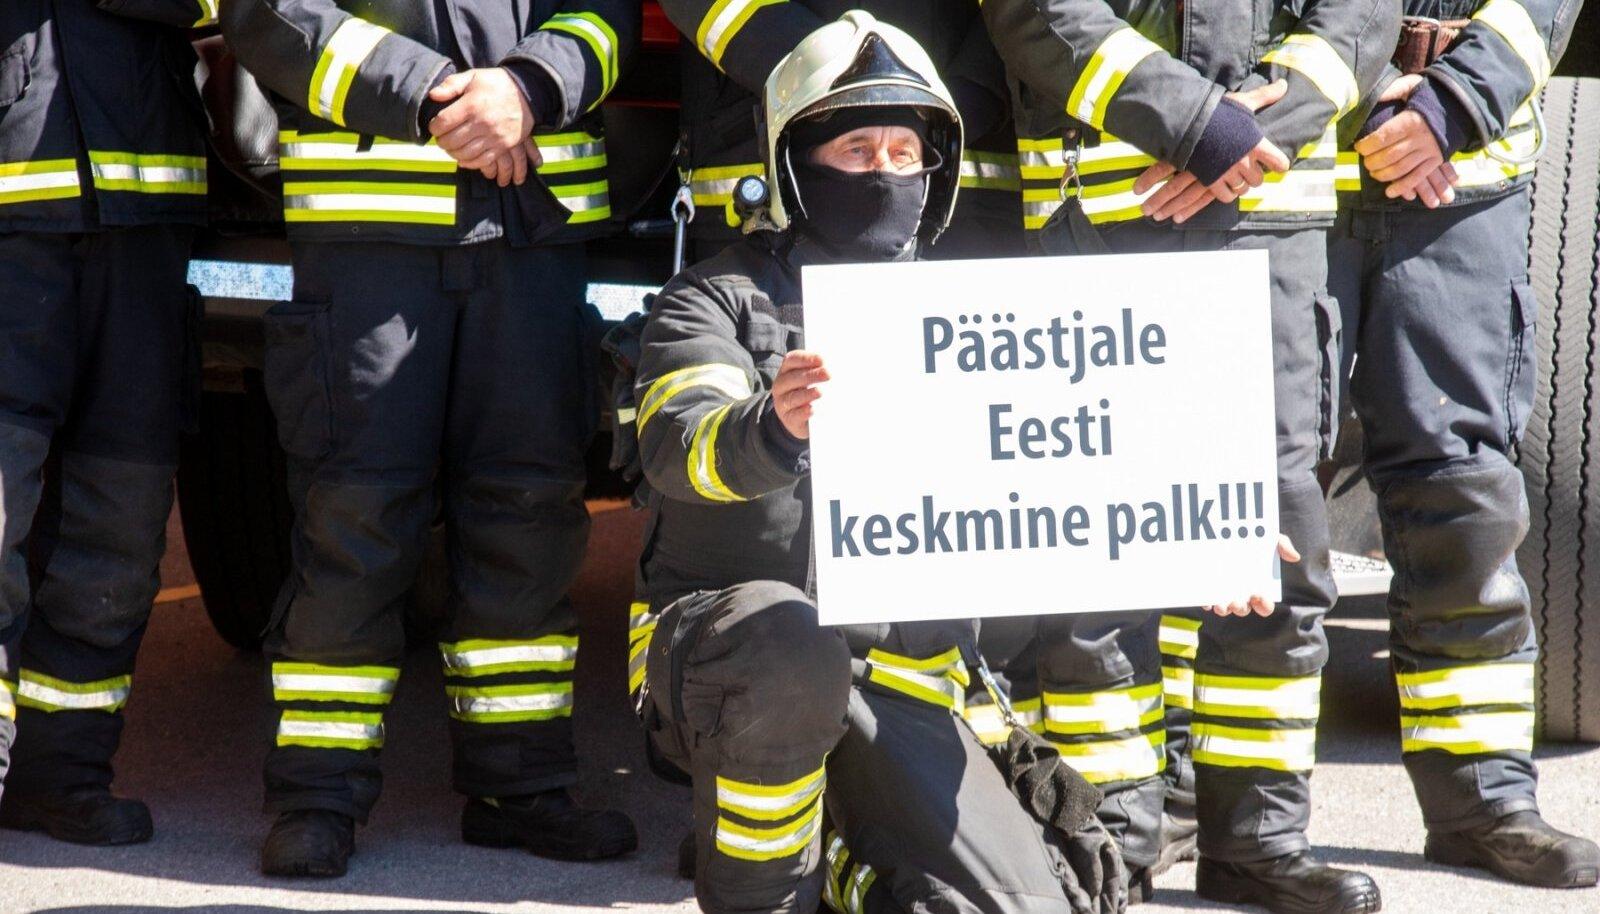 Päästjate virtuaalne meeleavaldus palga suhtes Kuressaares